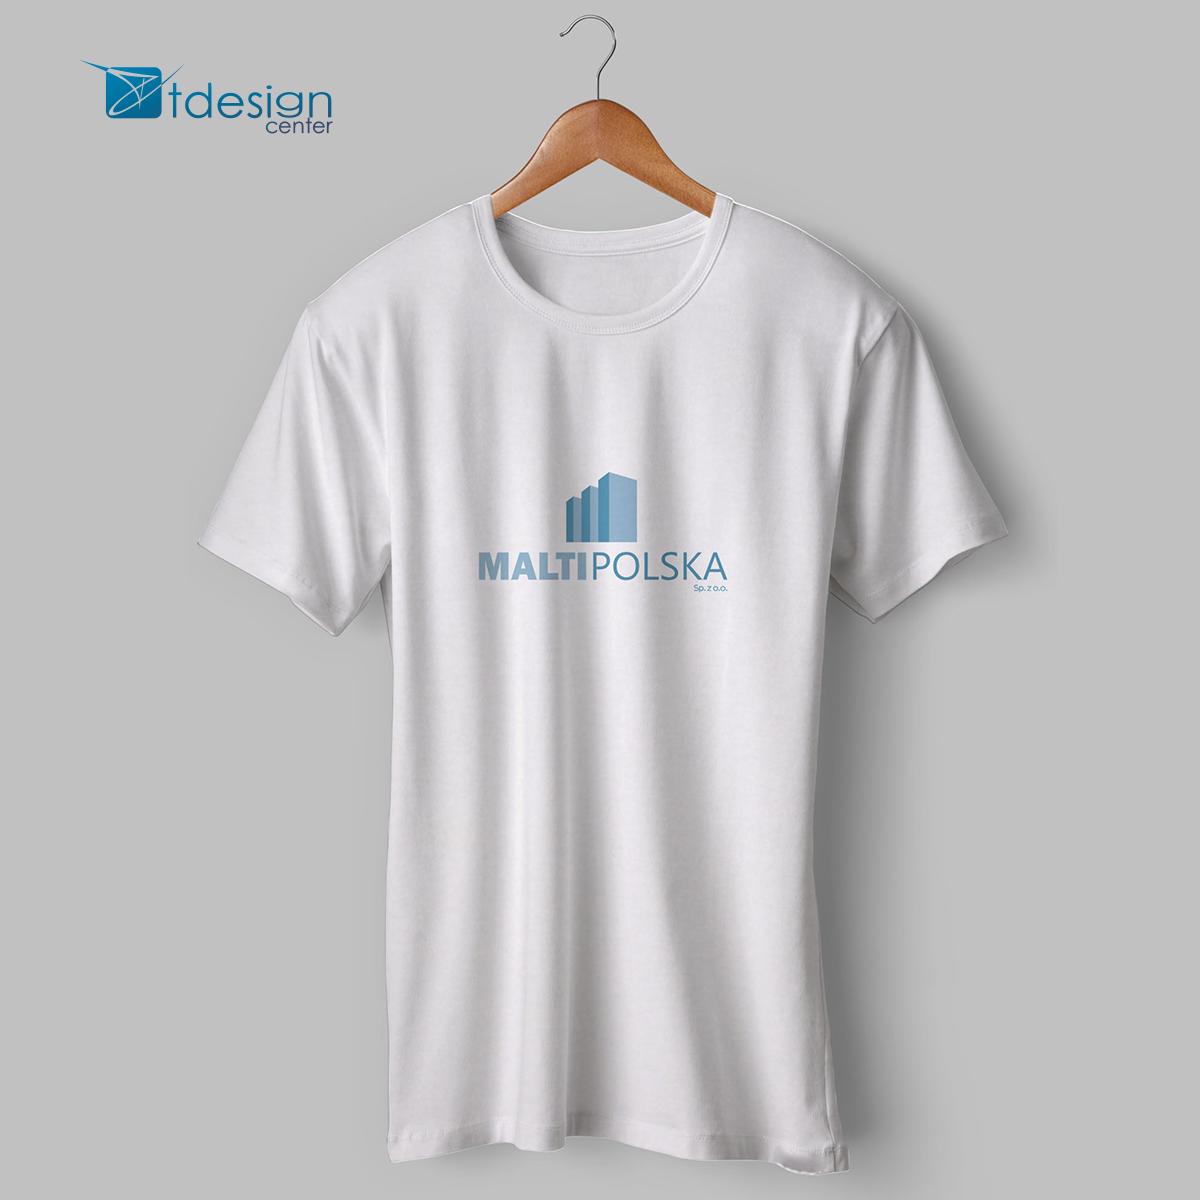 T-shirty z nadrukiem - projekt + realizacja